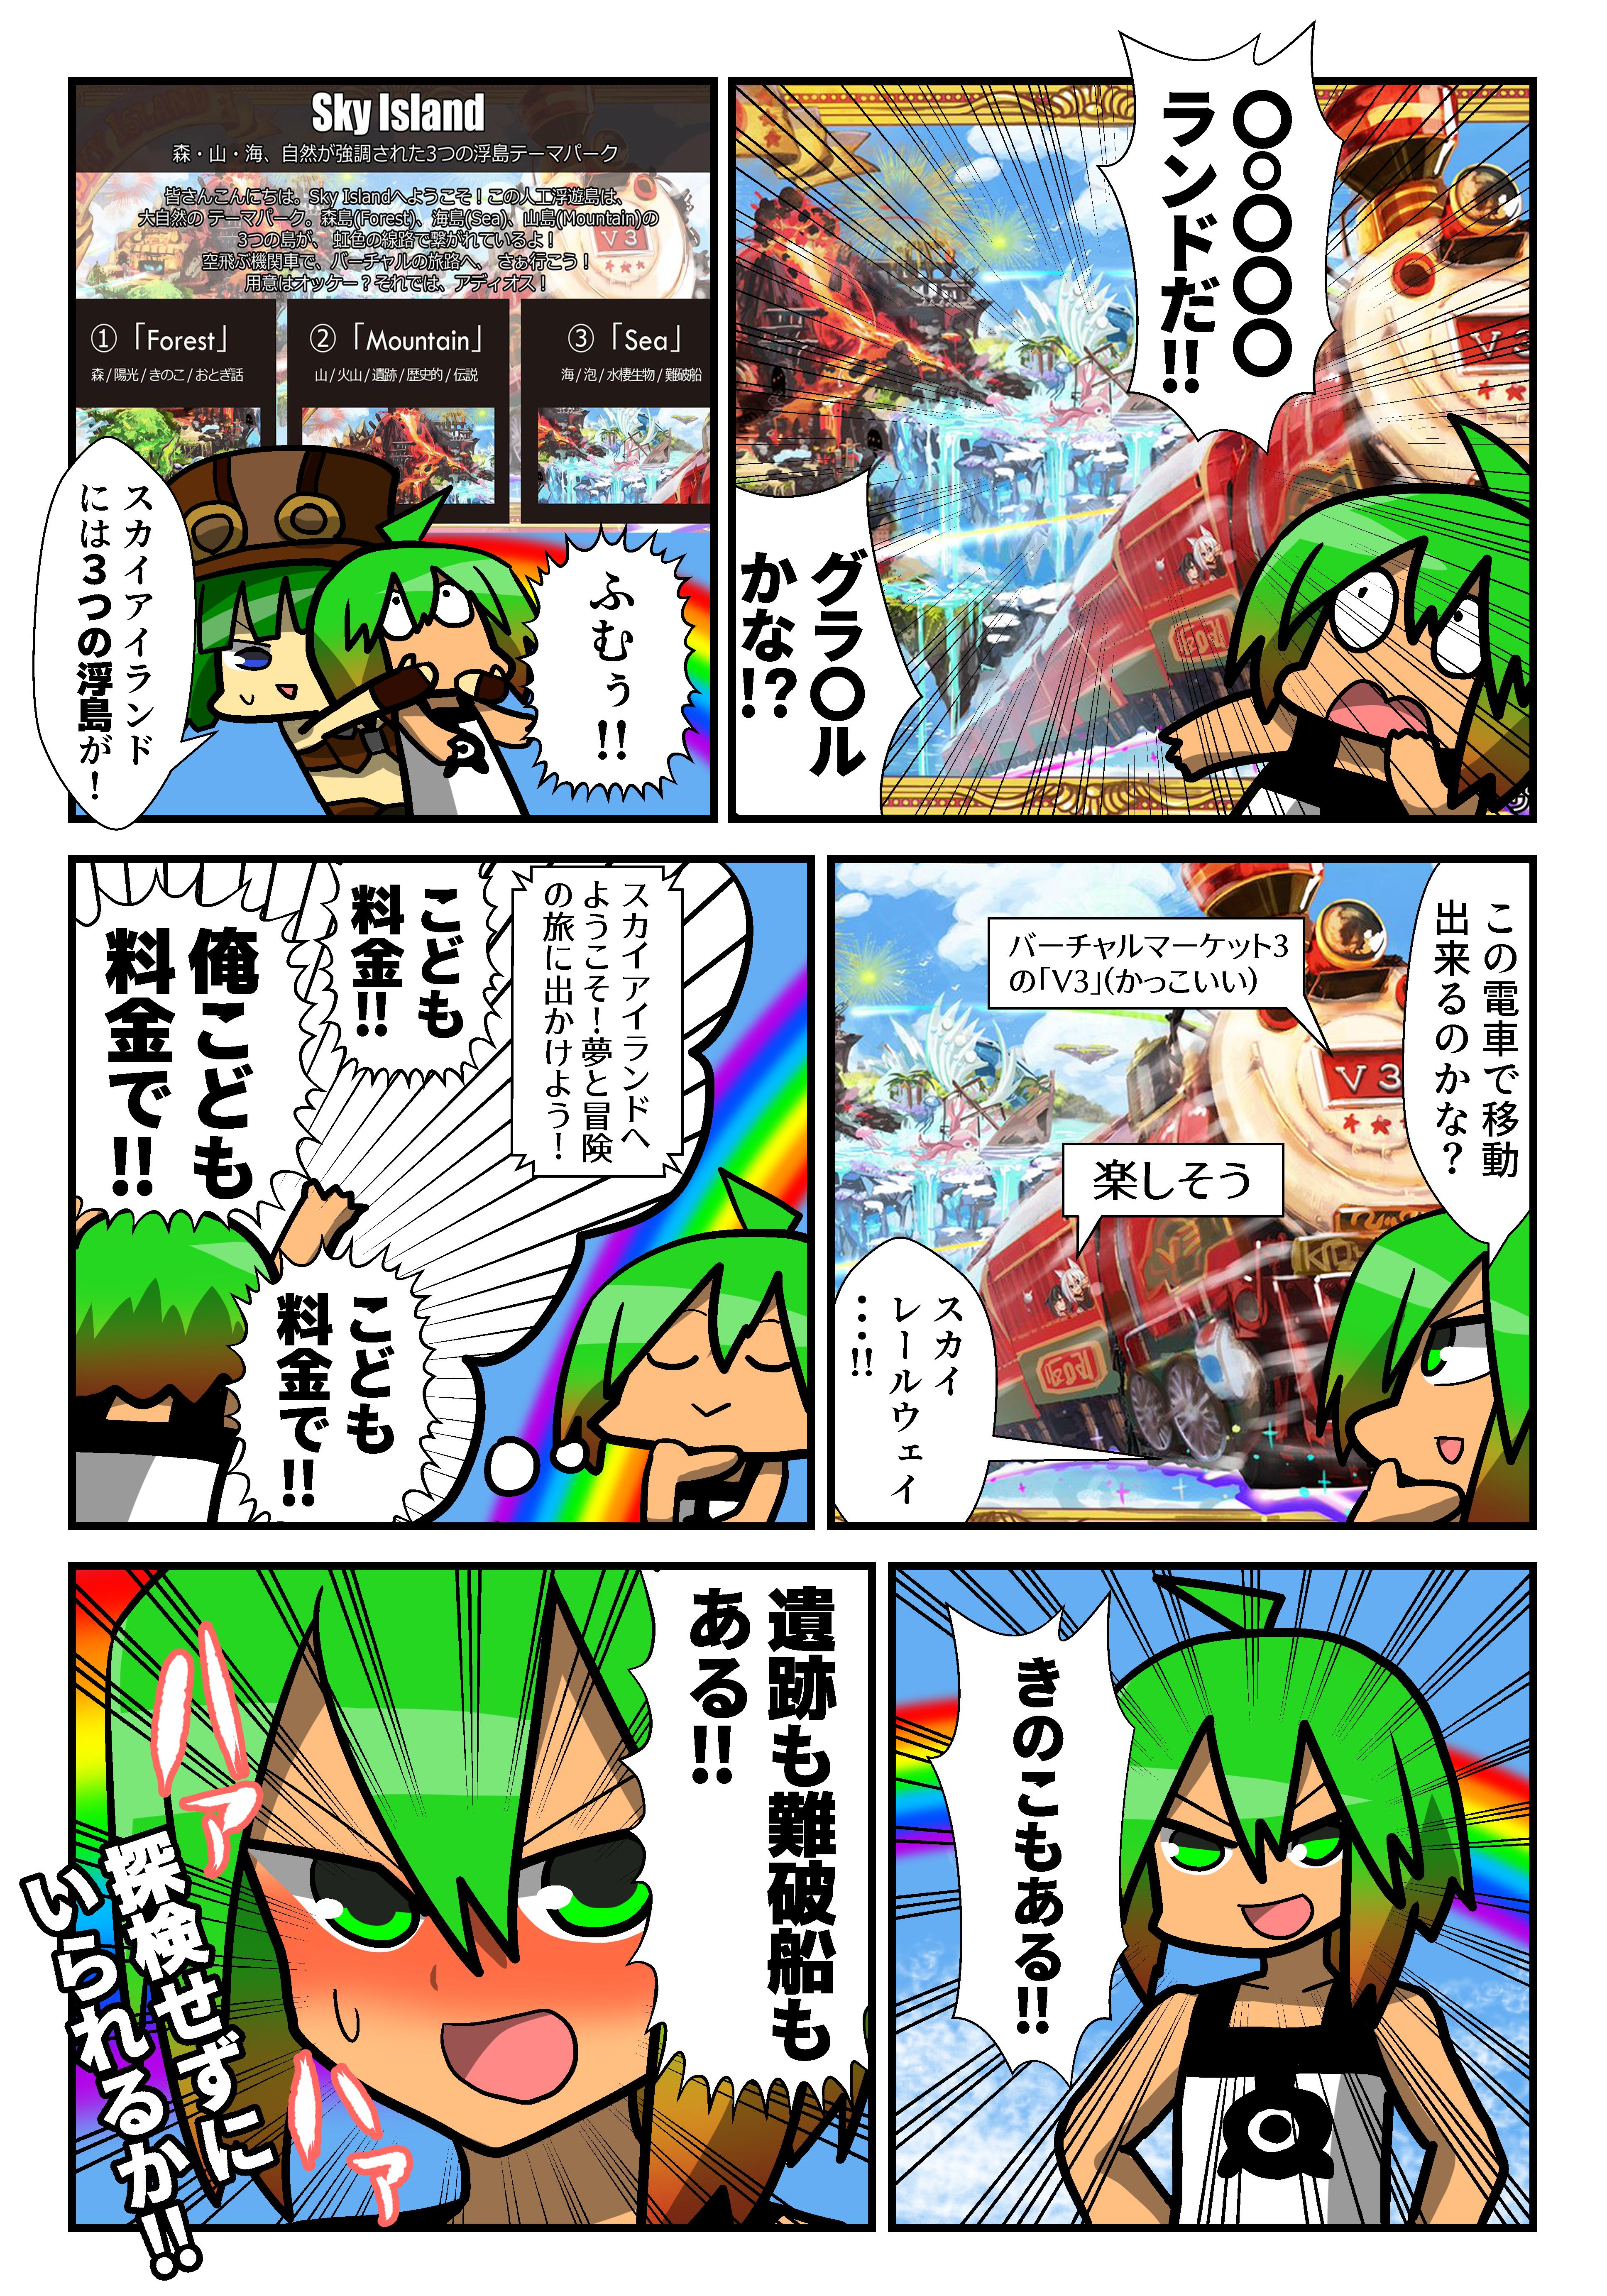 Vケット漫画:Sky Island編